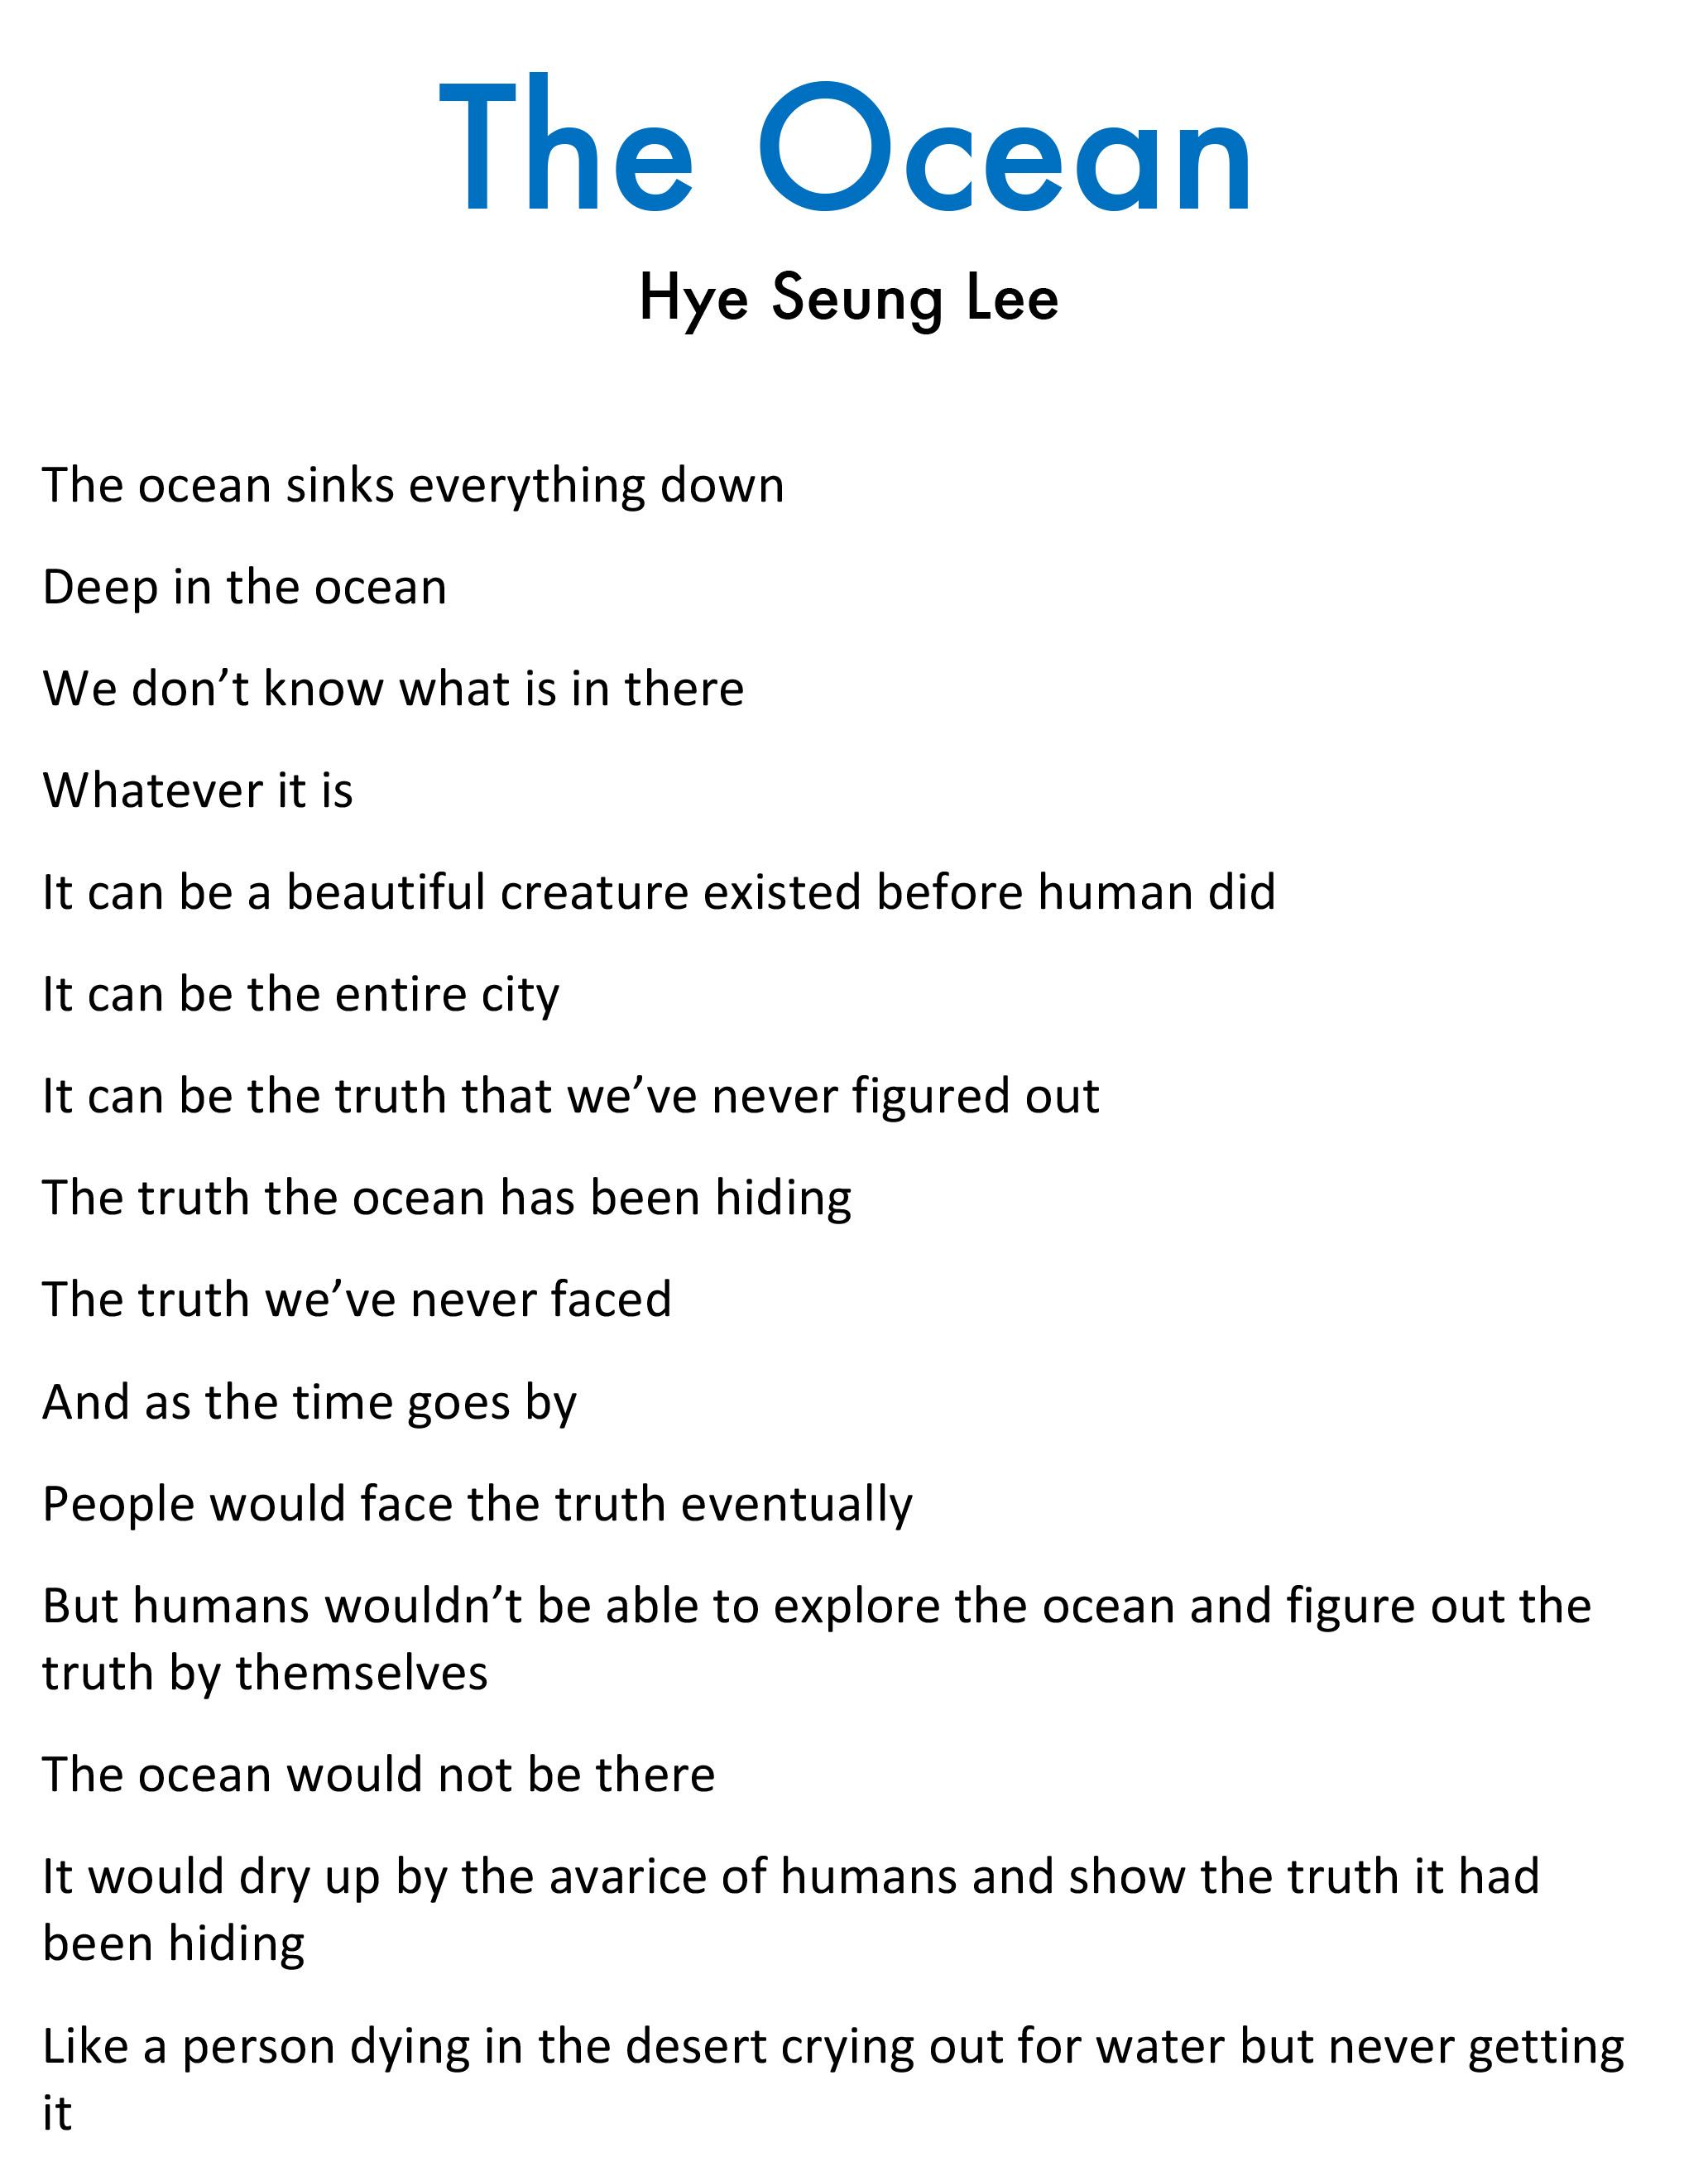 Hye Seung Lee - The Ocean